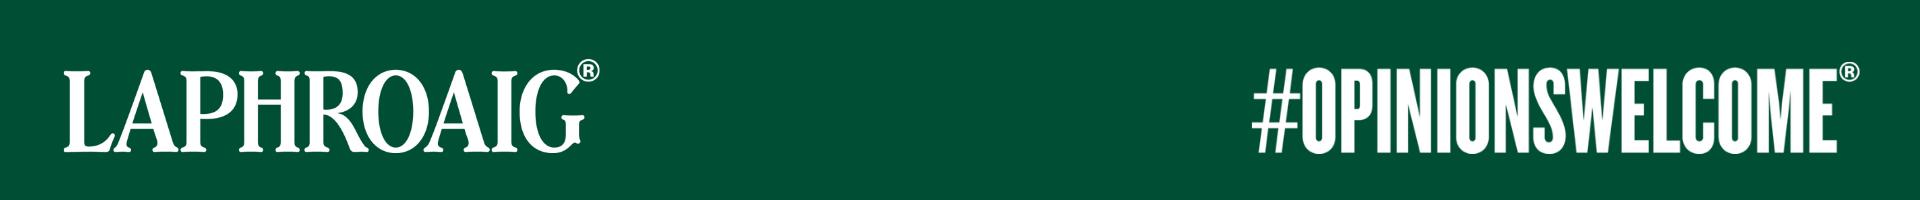 nimble_asset_banner